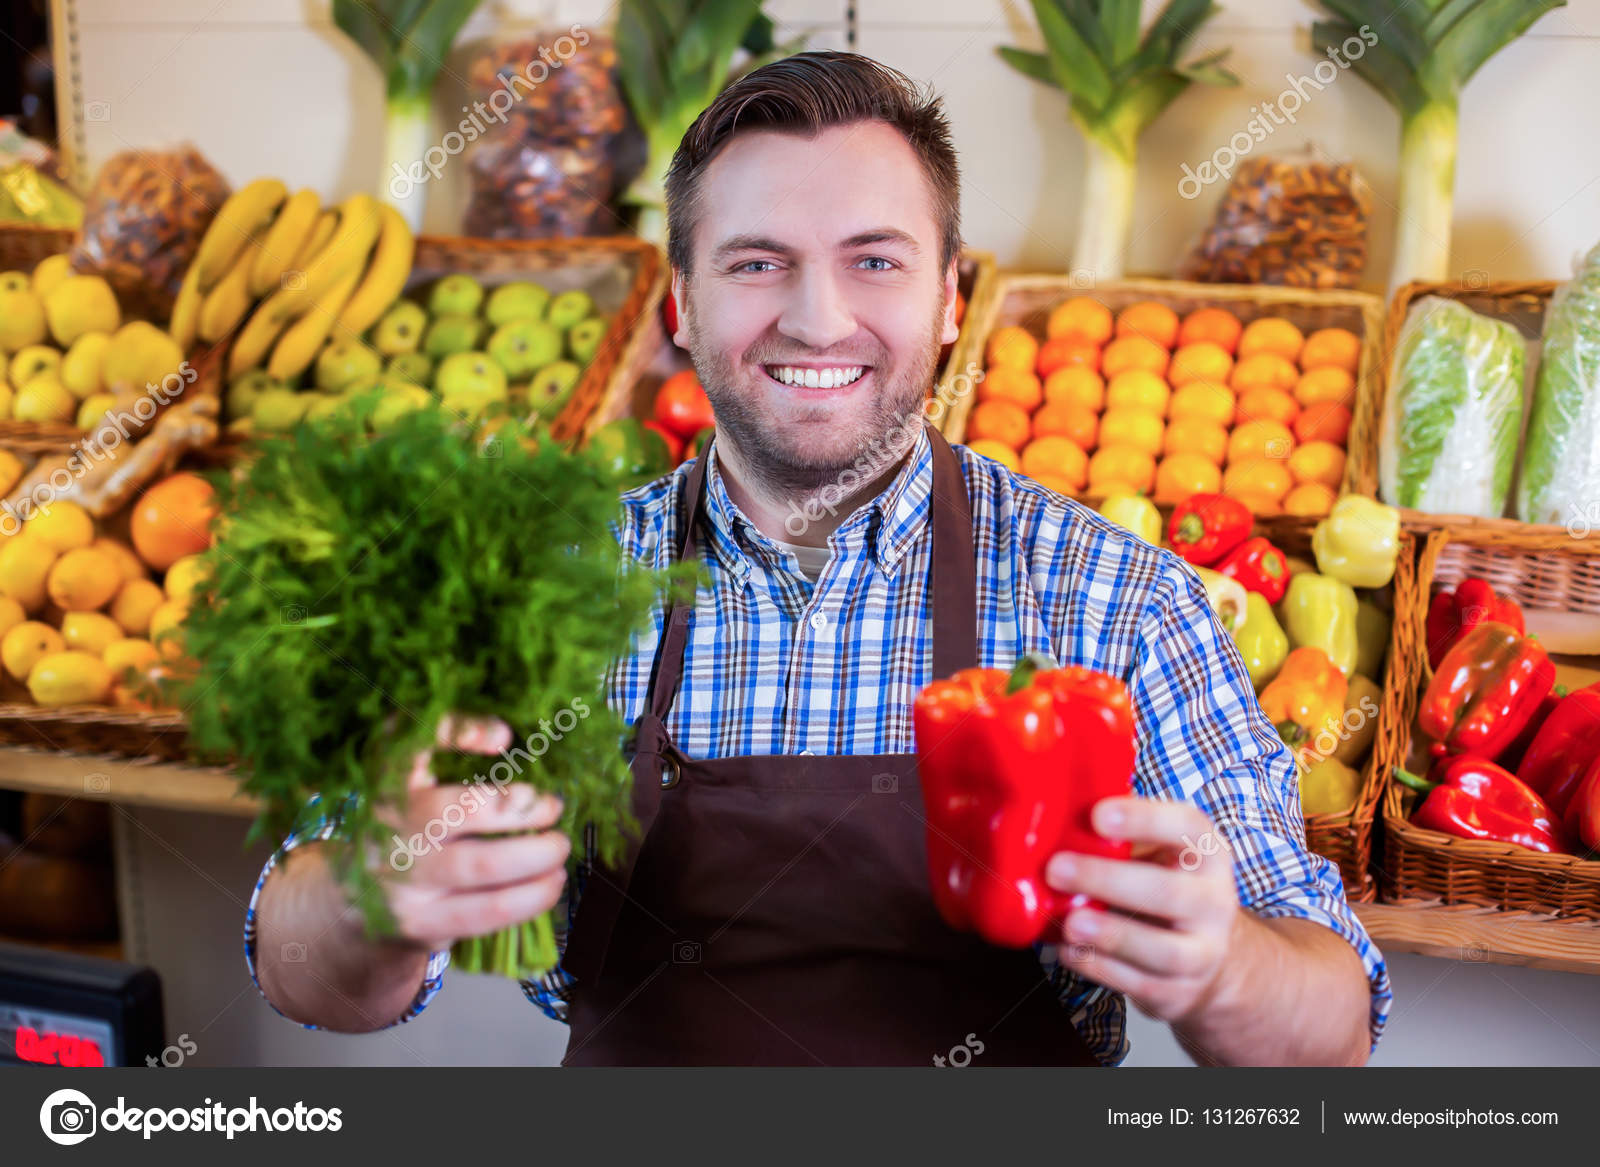 Imágenes: Vendedor De Verduras